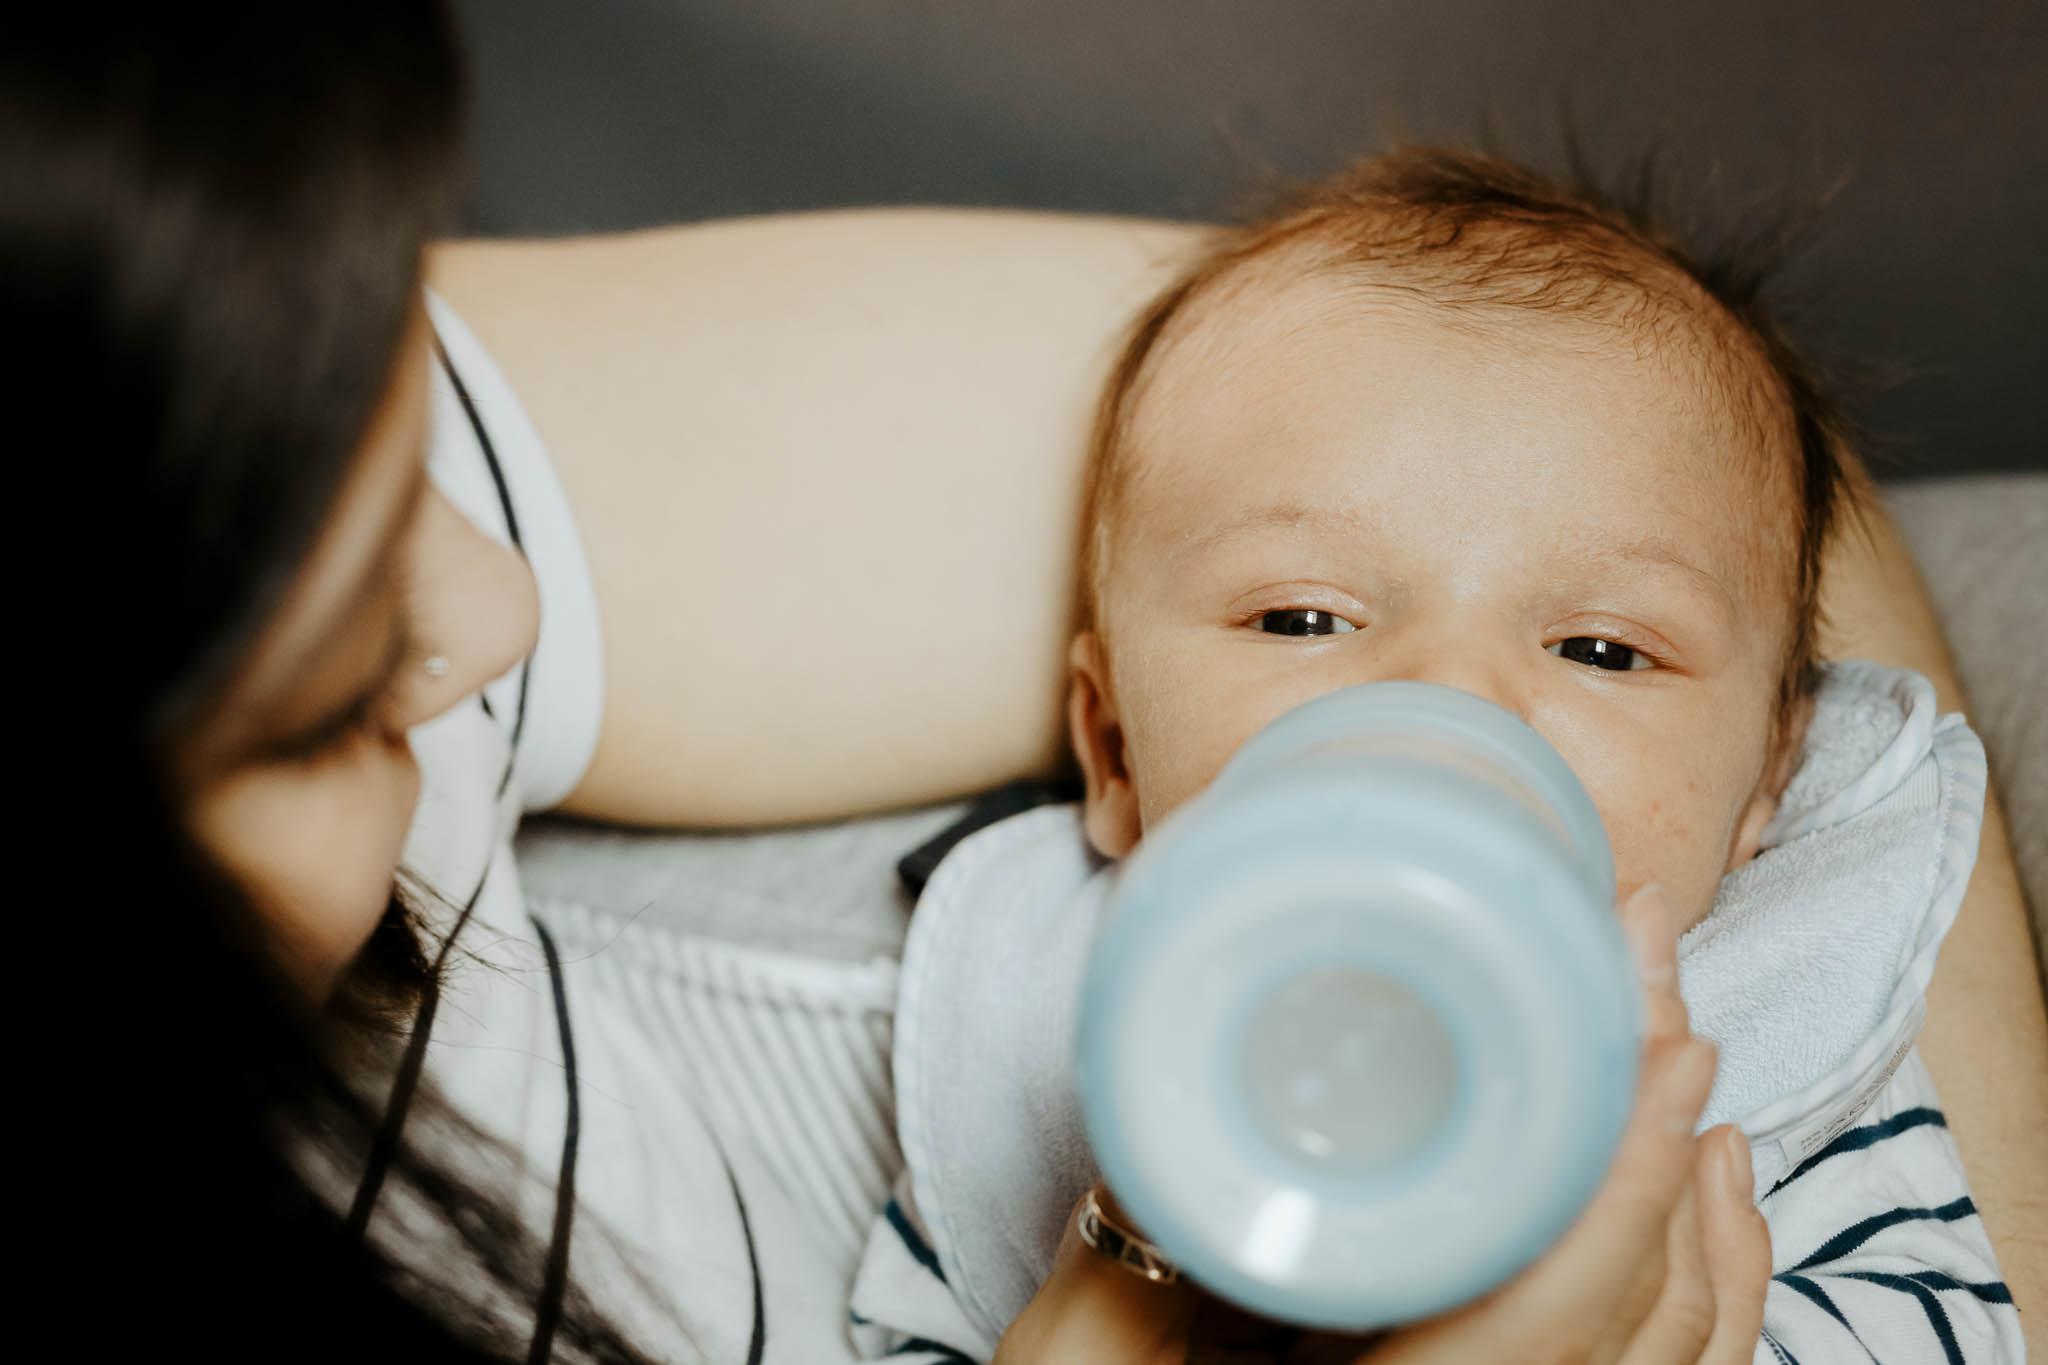 famille-bebe-loire-ingold-31.jpg